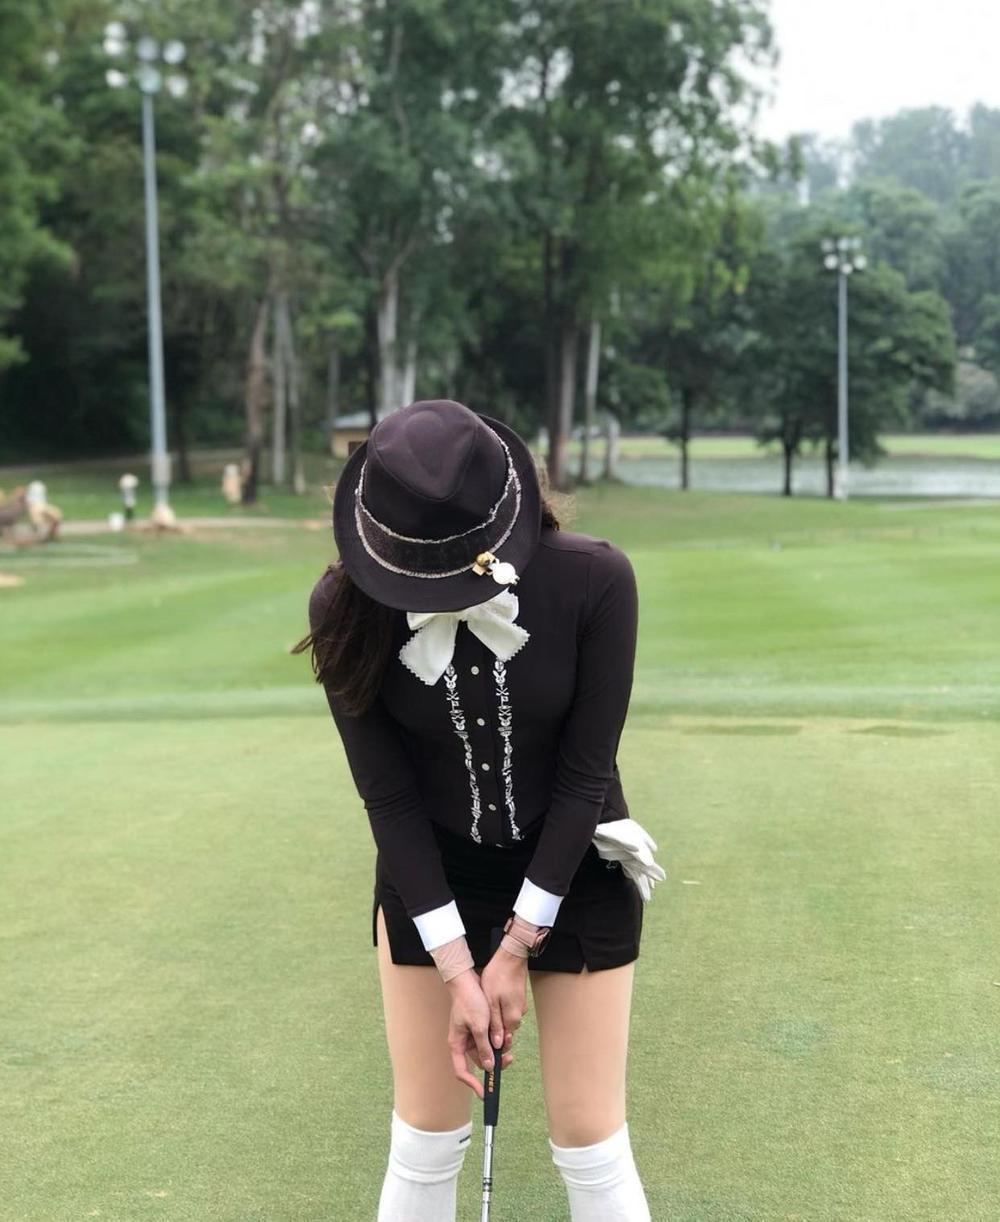 Á hậu Huyền My diện set đồ đánh golf như quý tộc Anh, khoe chân thon cực phẩm Ảnh 5